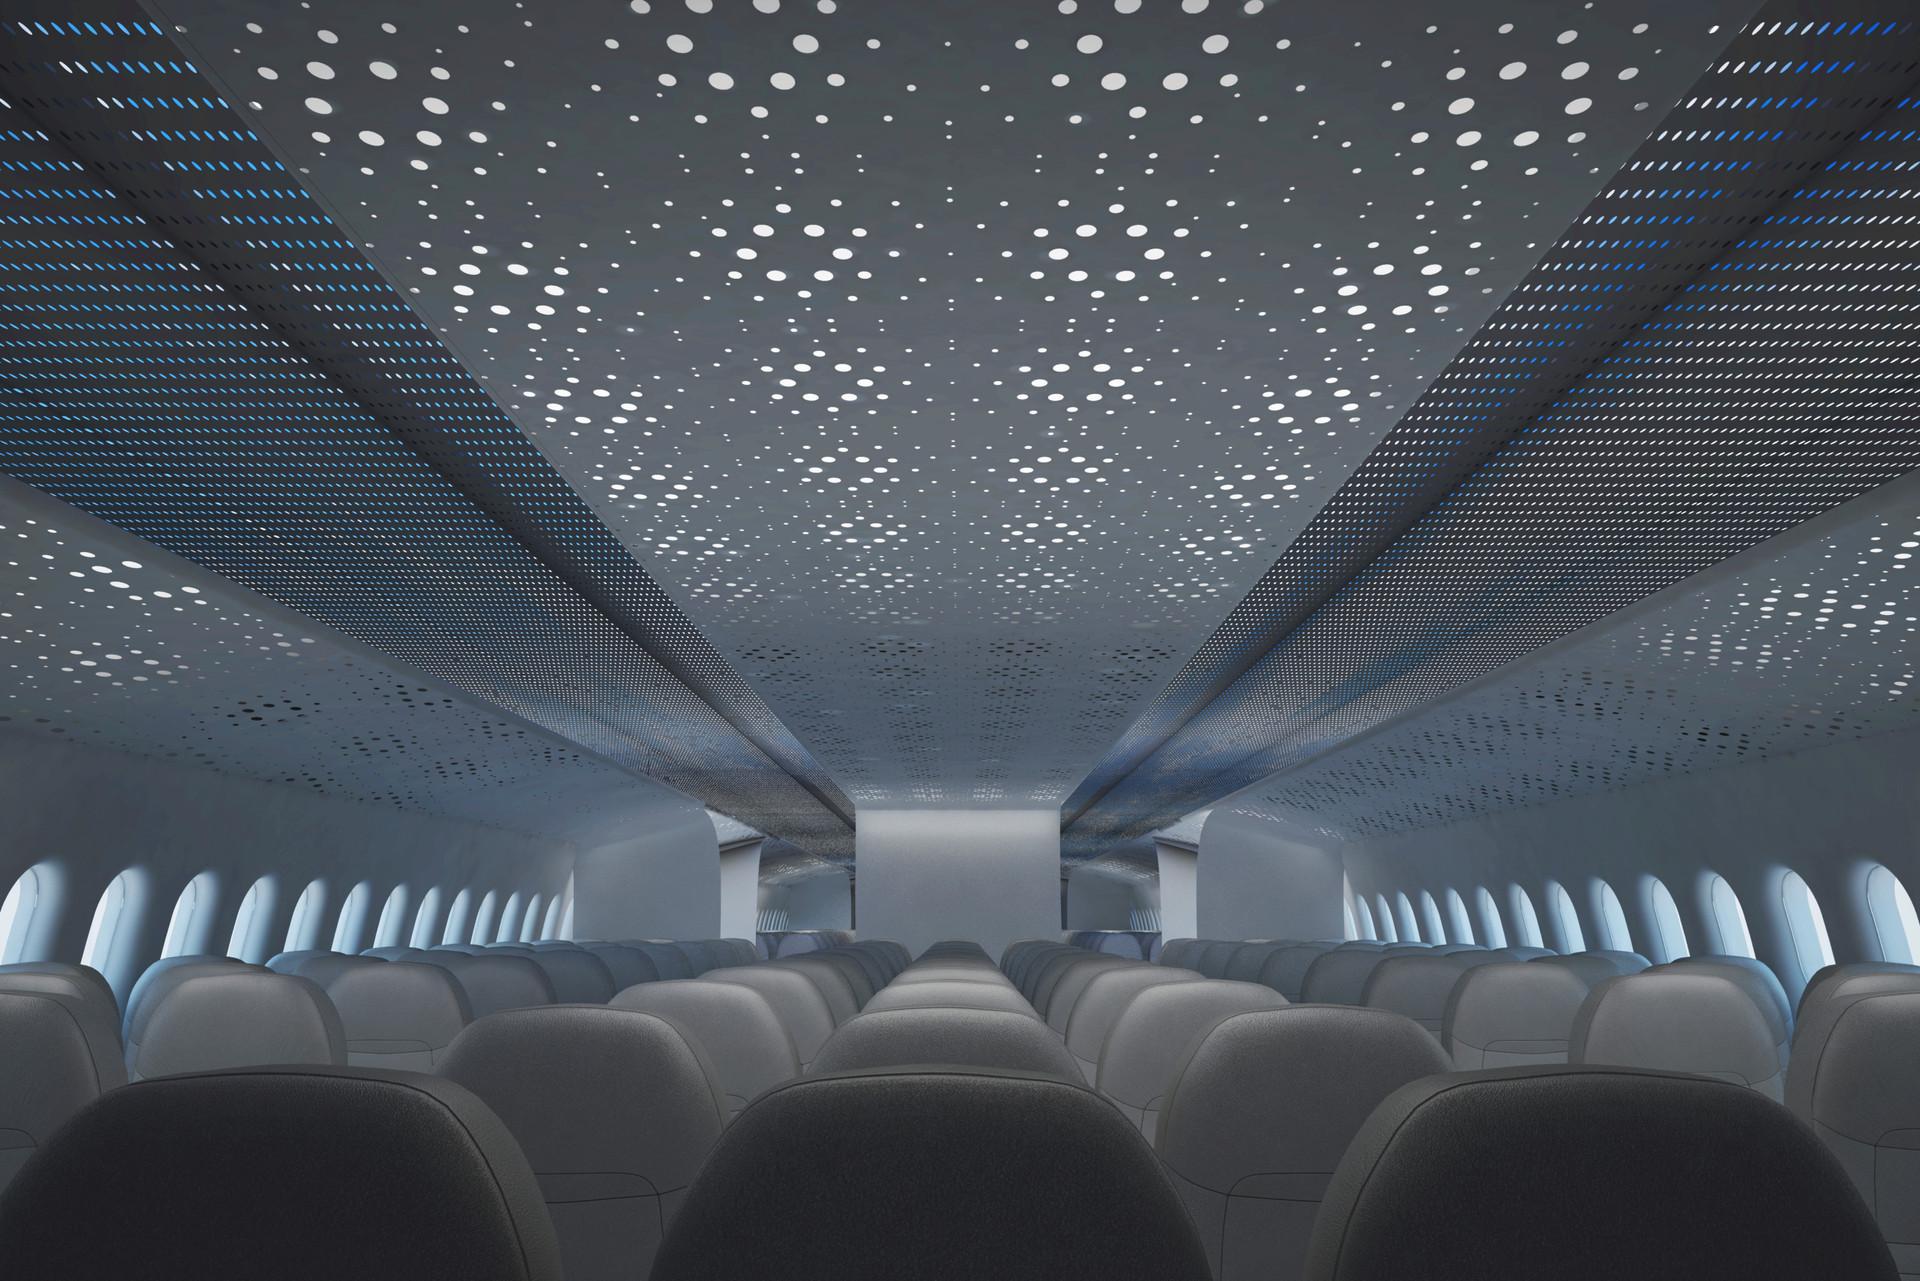 Boeing 777 Dreamliner